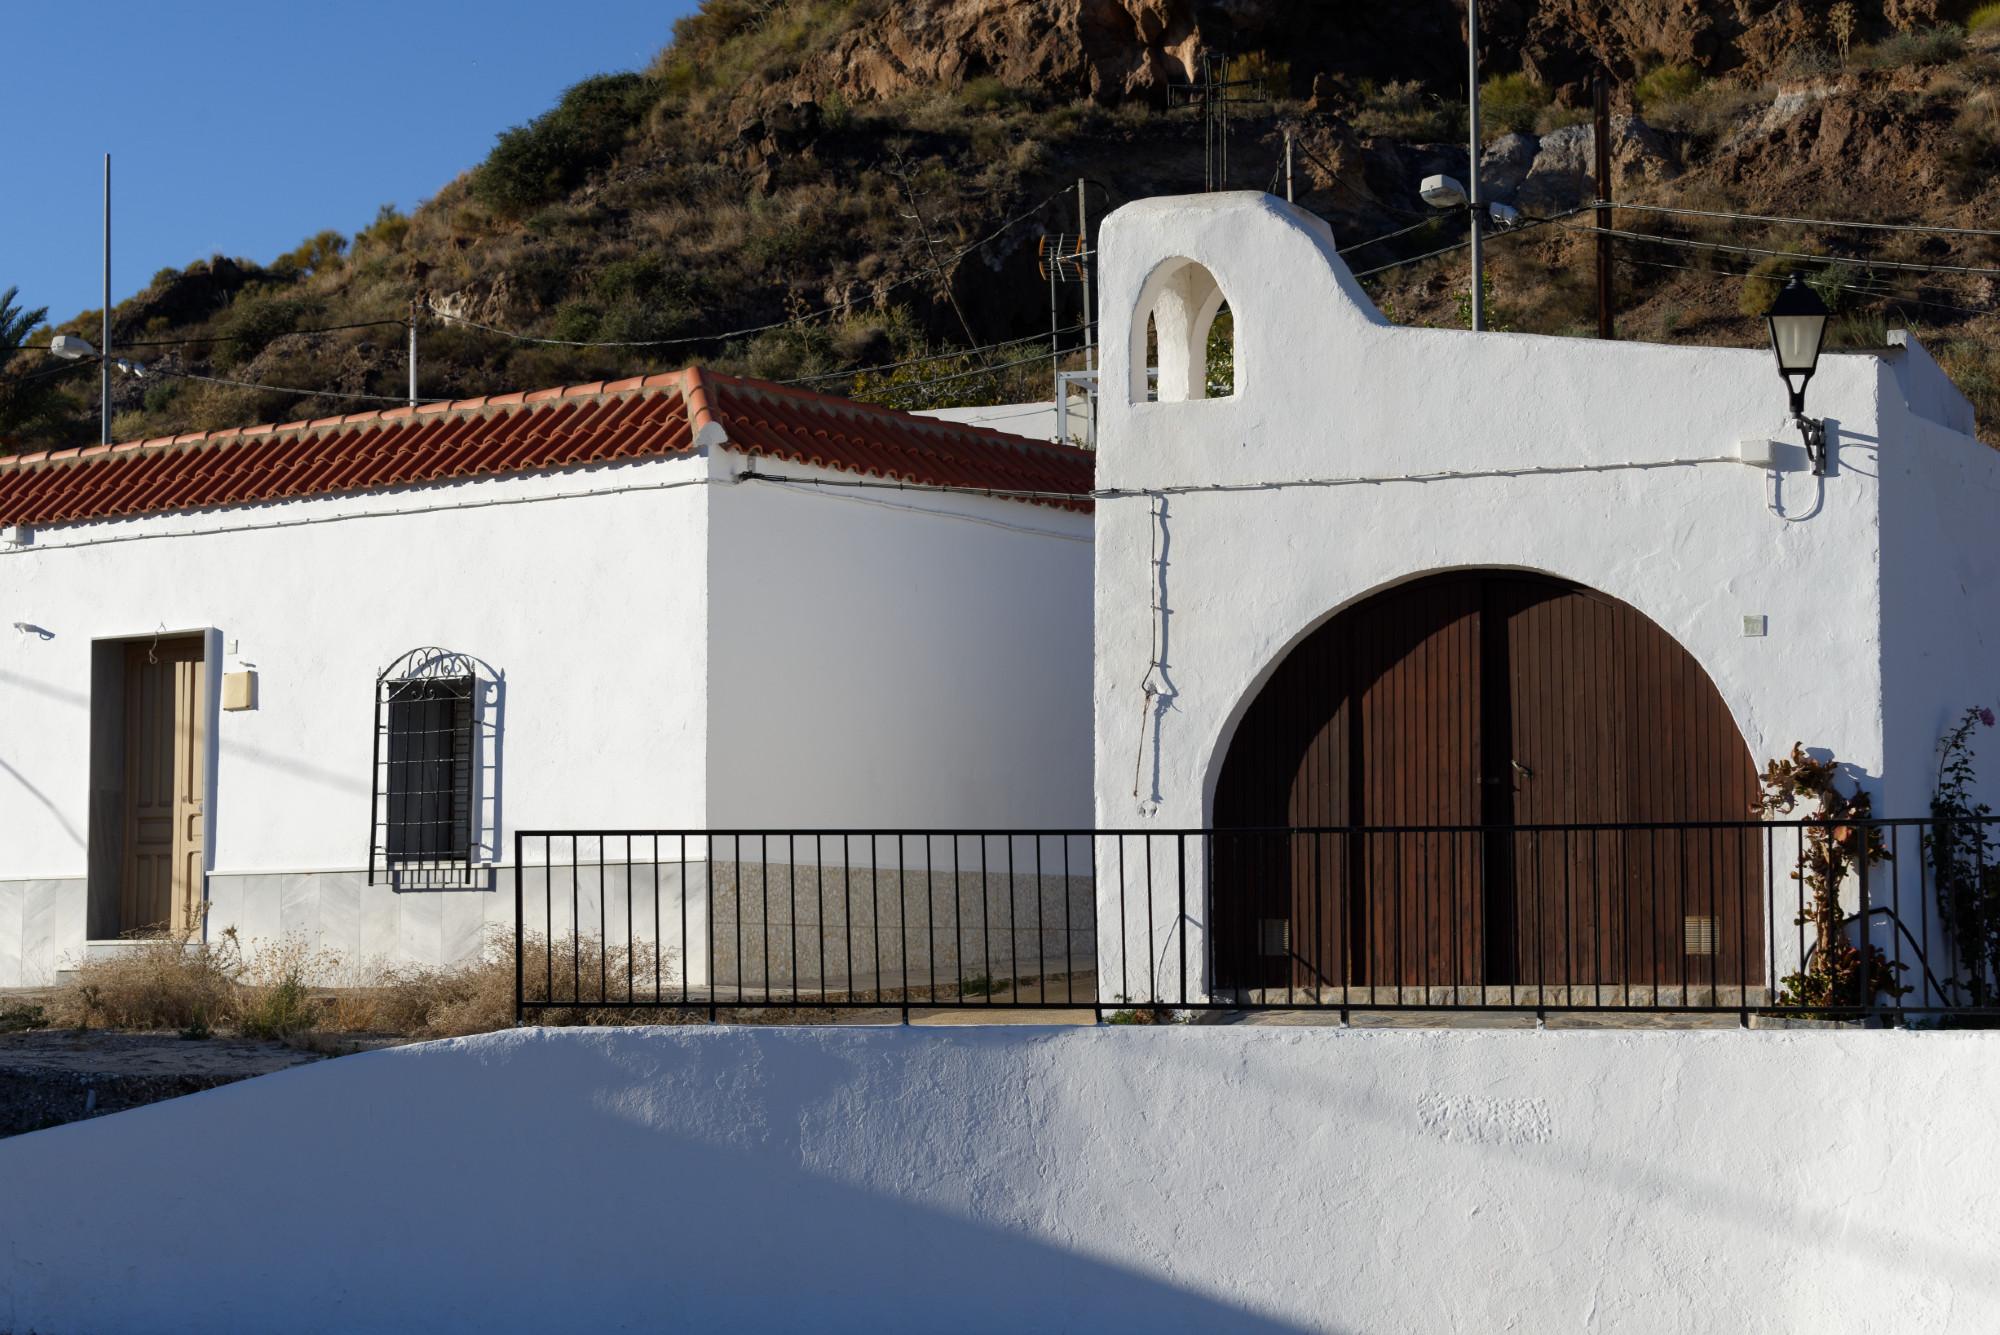 171216-Region Carboneras La Cueva del Parajo (Cabo de Gata-Andalousie) (14)